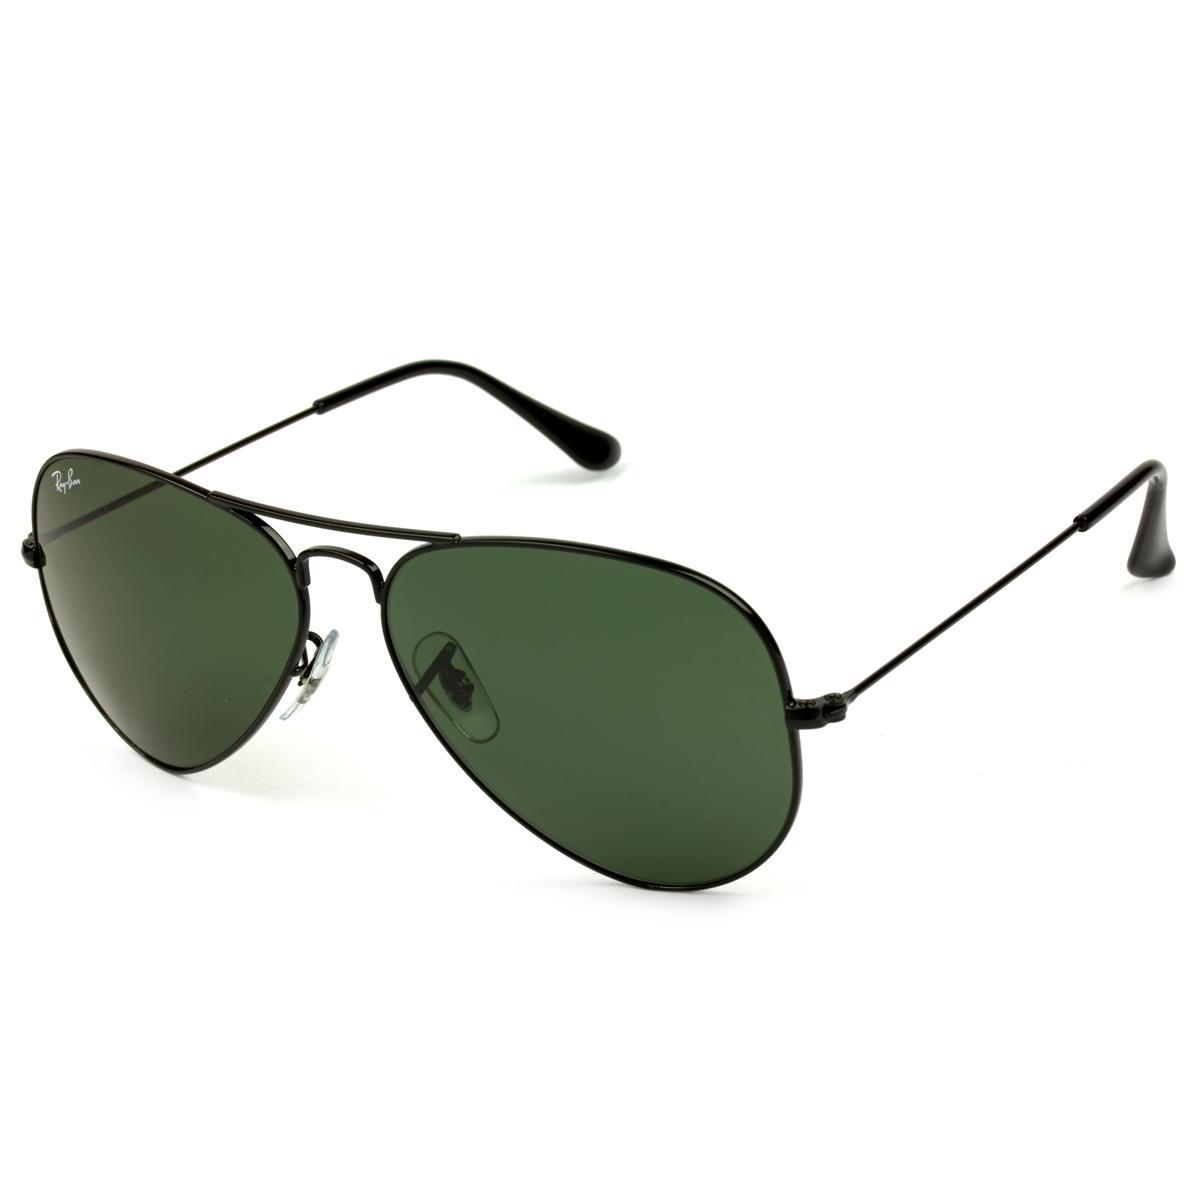 Óculos de Sol Ray-Ban Aviador RB3025L 002 58 Polarizado R  594,15 à vista.  Adicionar à sacola 55fd3d8bd2